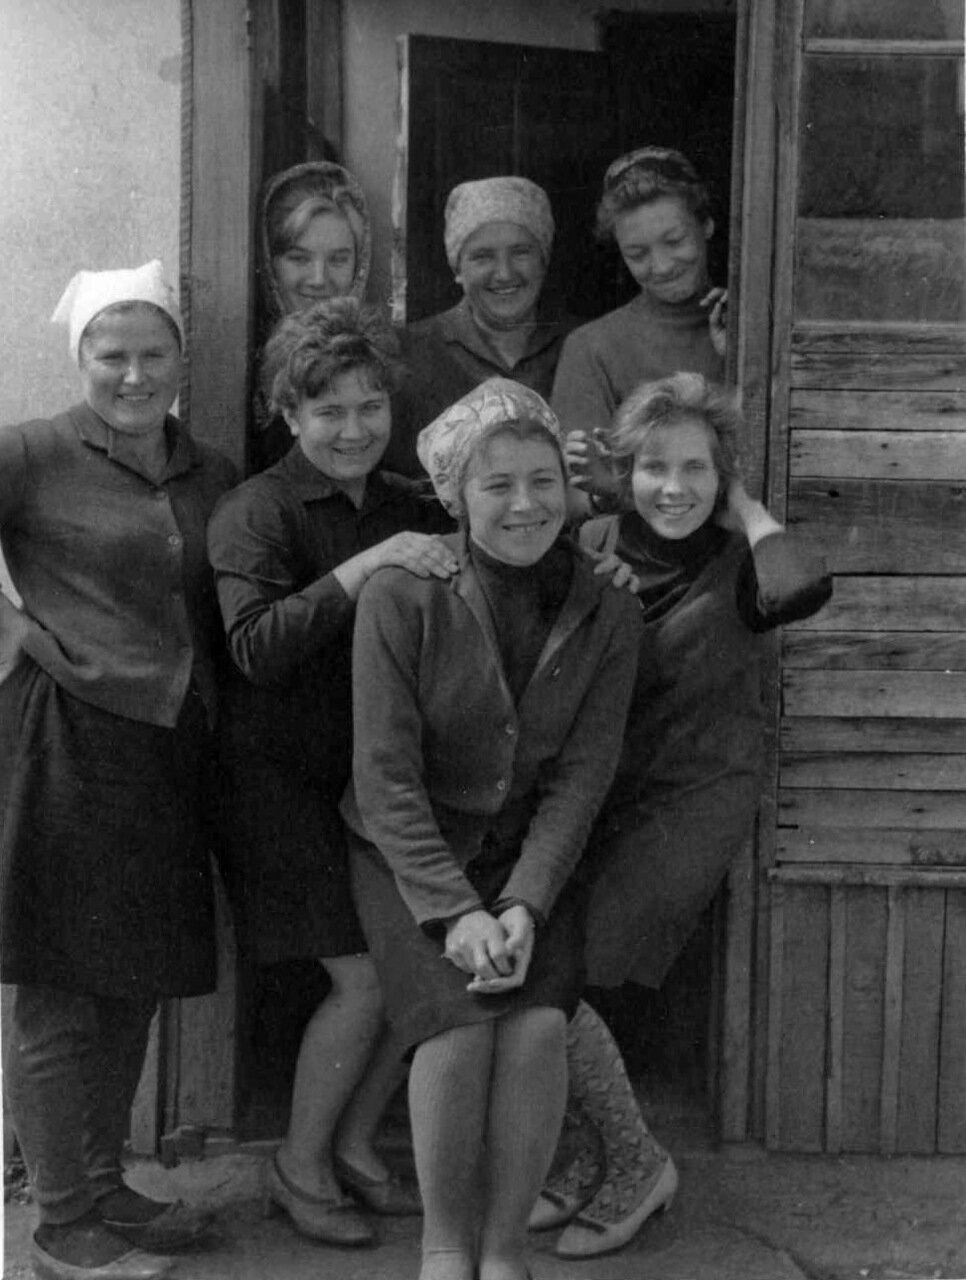 Сельский РАЙПО. Посёлок Ремовский Алтайского края. 1969 год.